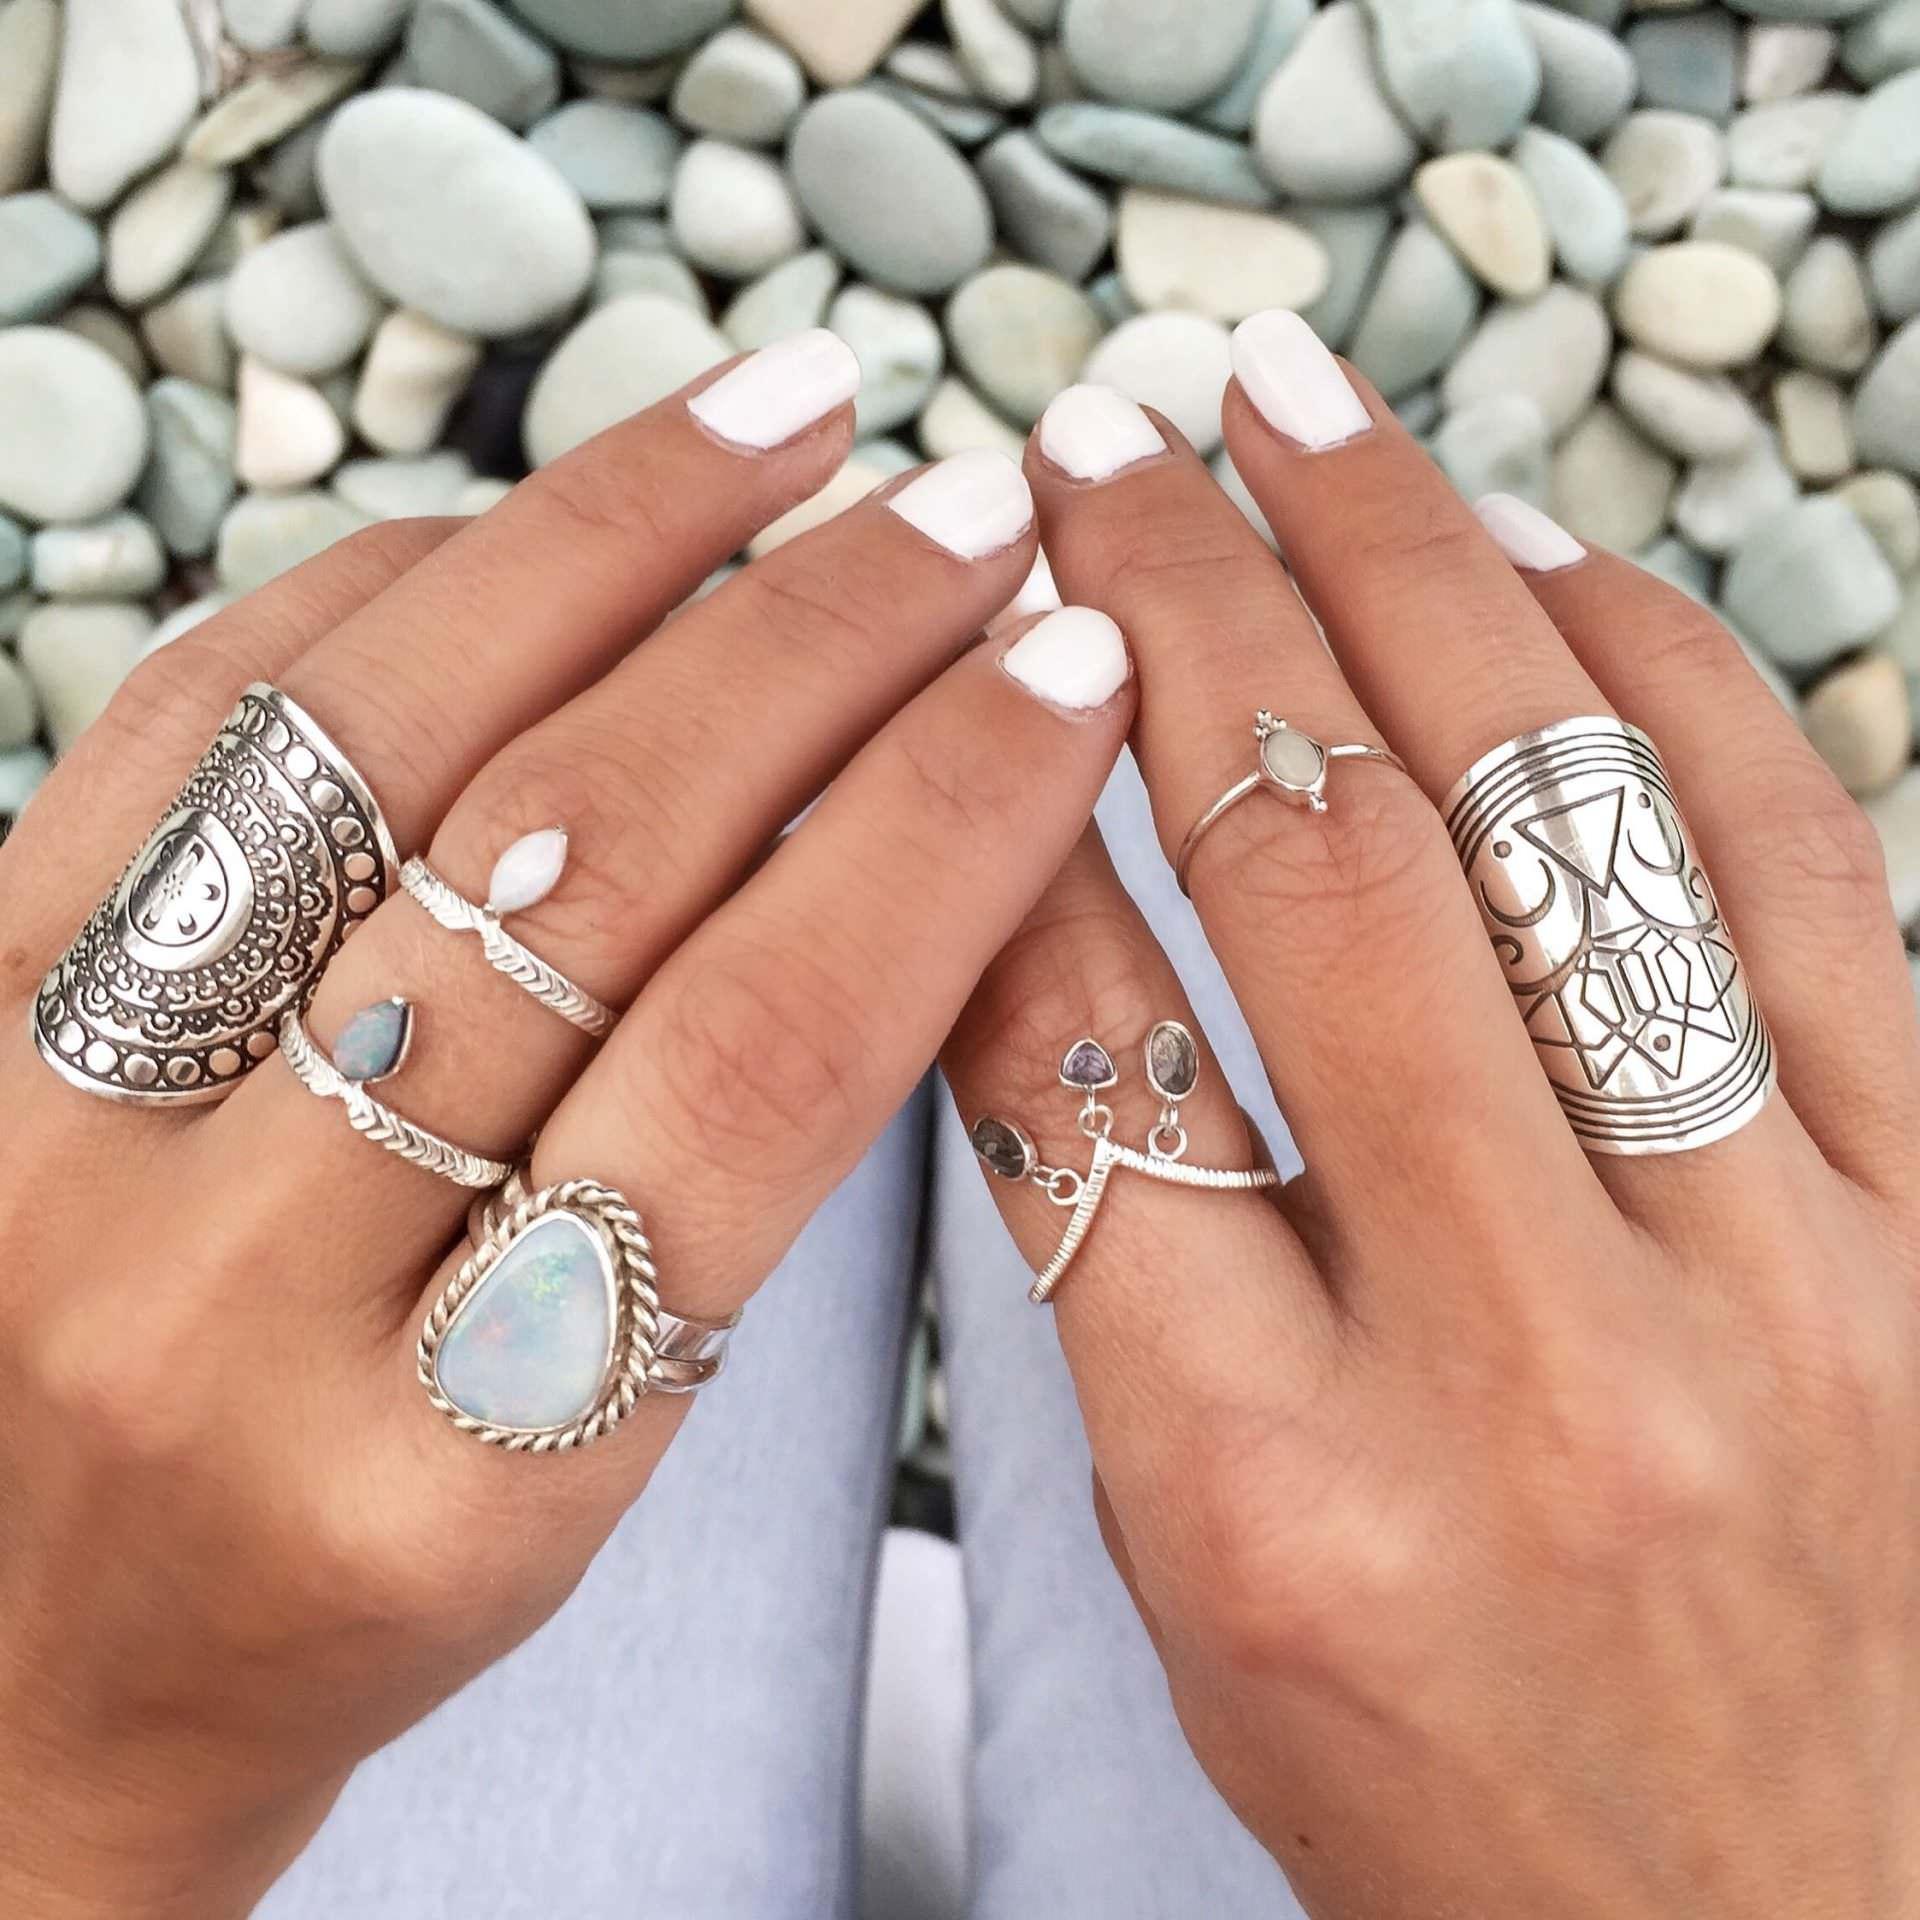 Как выбрать качественные серебряные украшения?